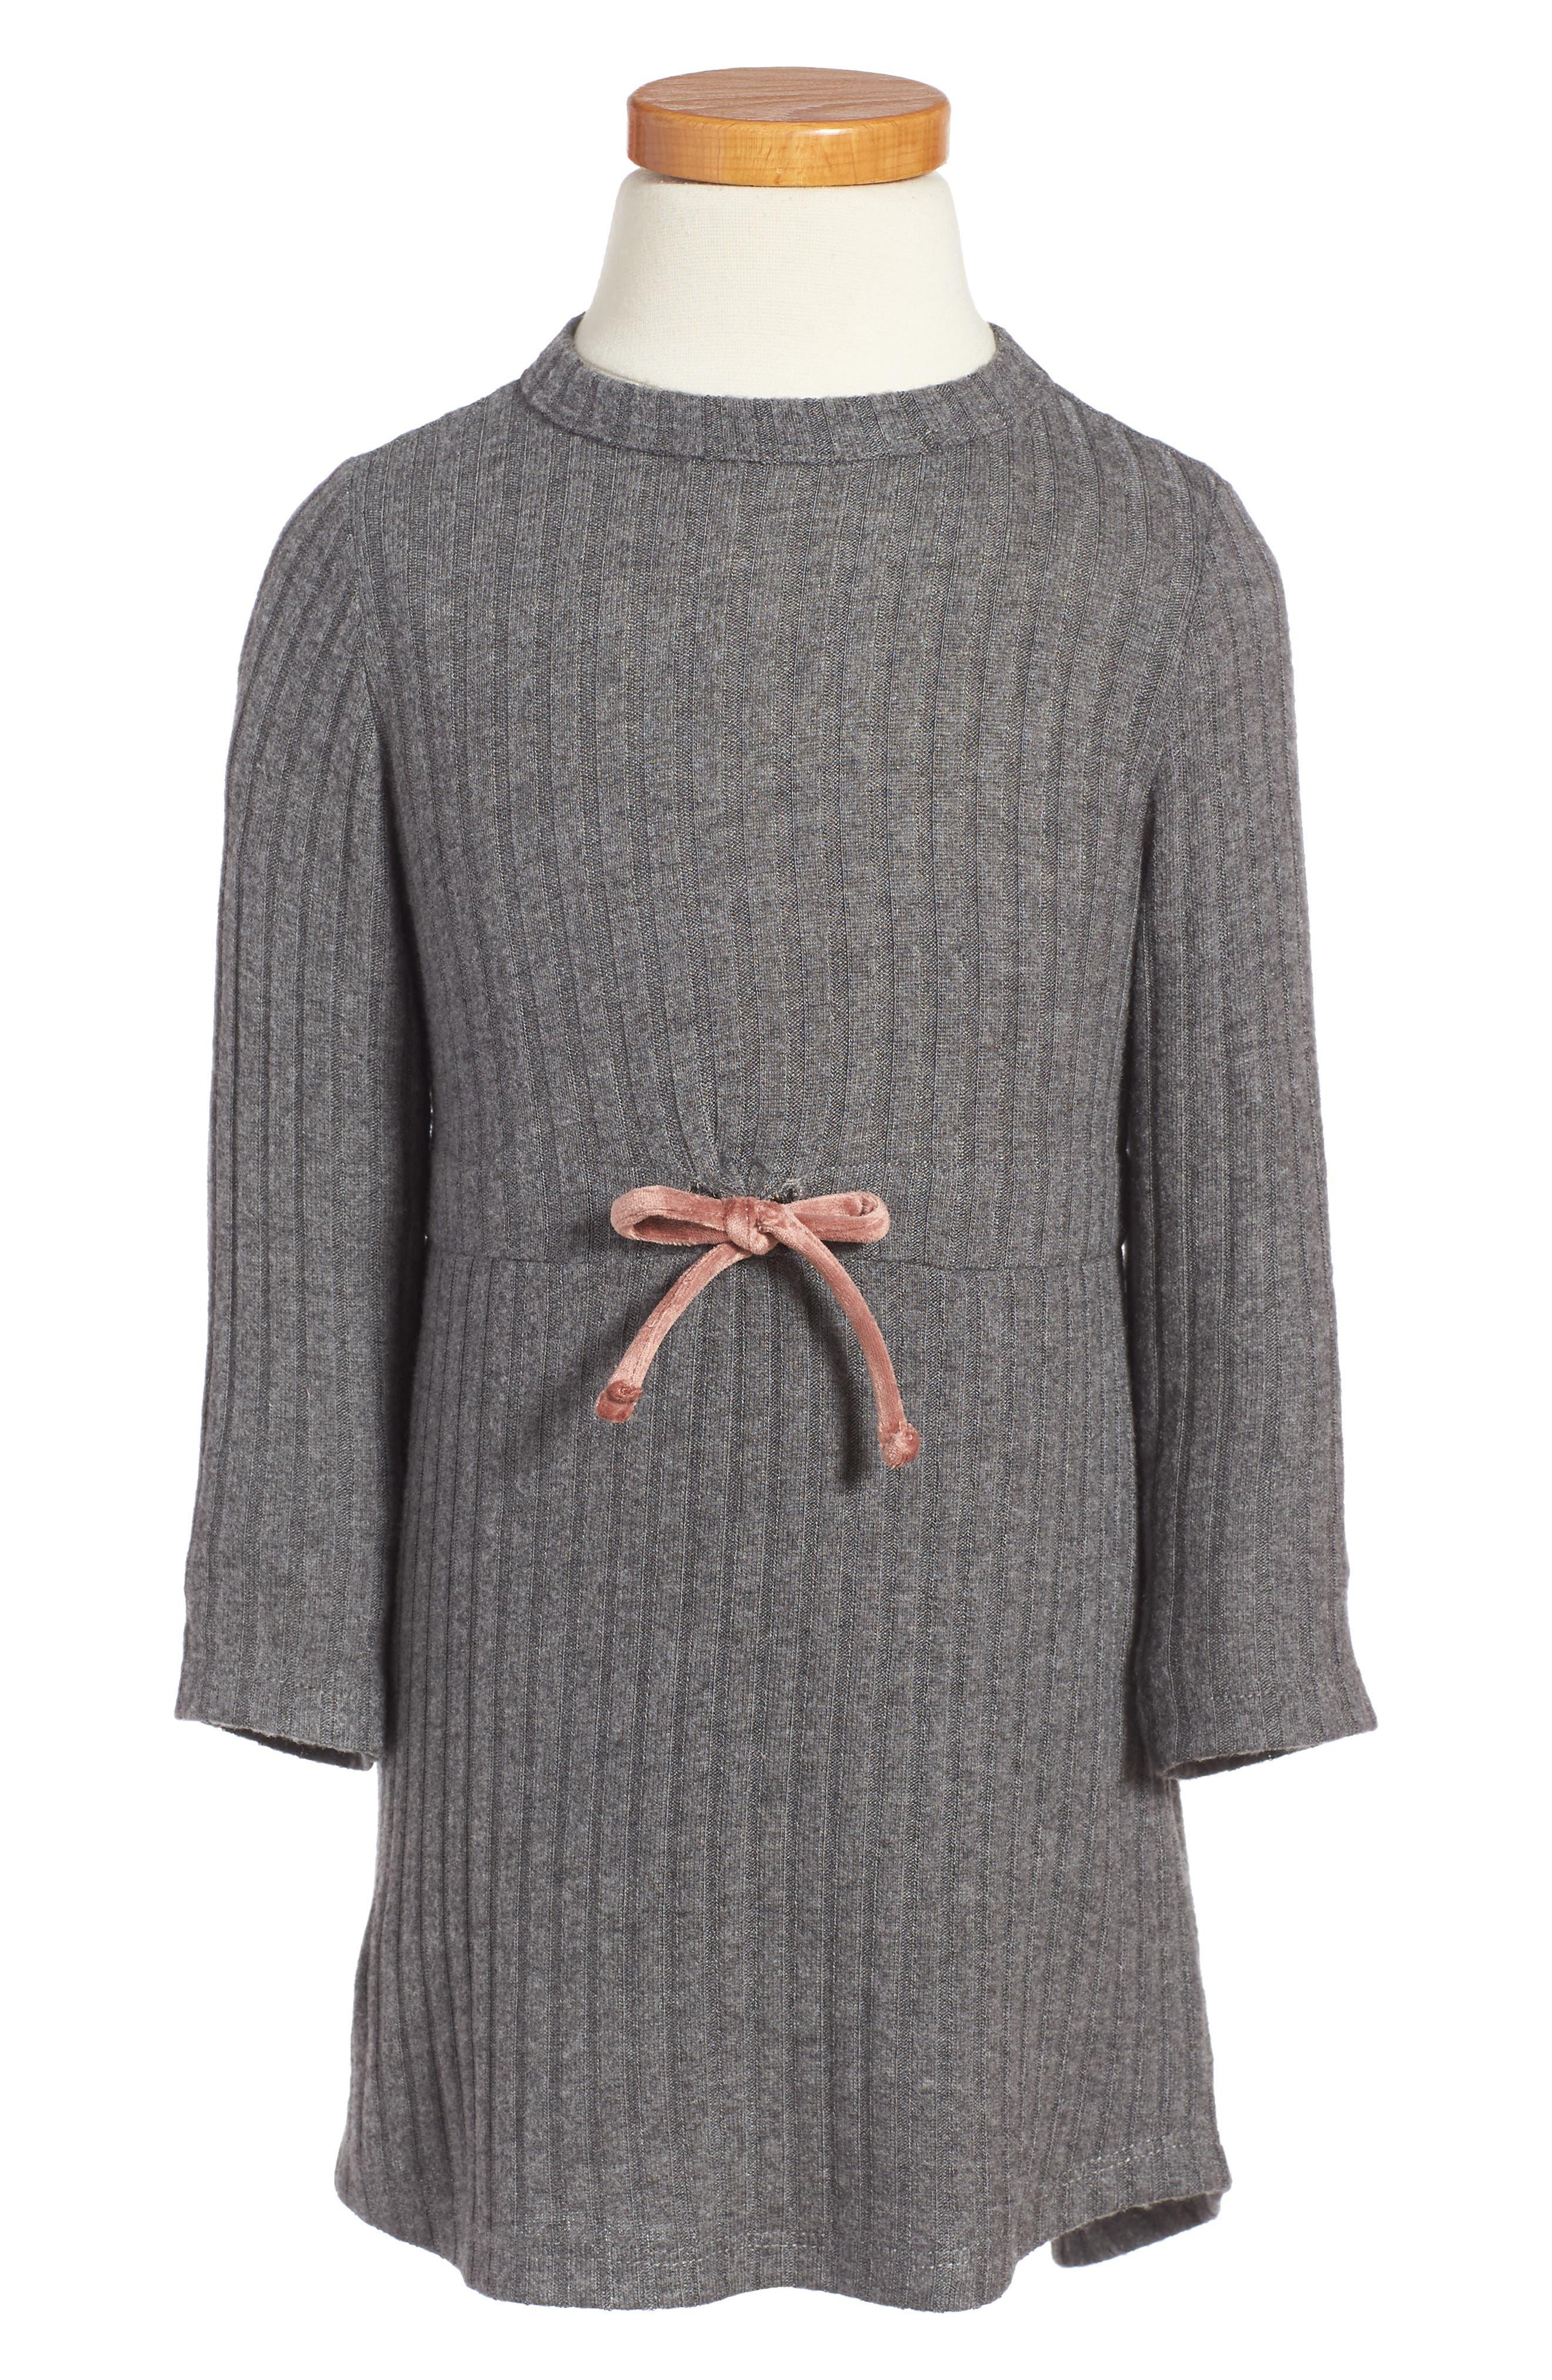 Main Image - BERU Ellana Ribbed Sweater Dress (Toddler Girls & Little Girls)